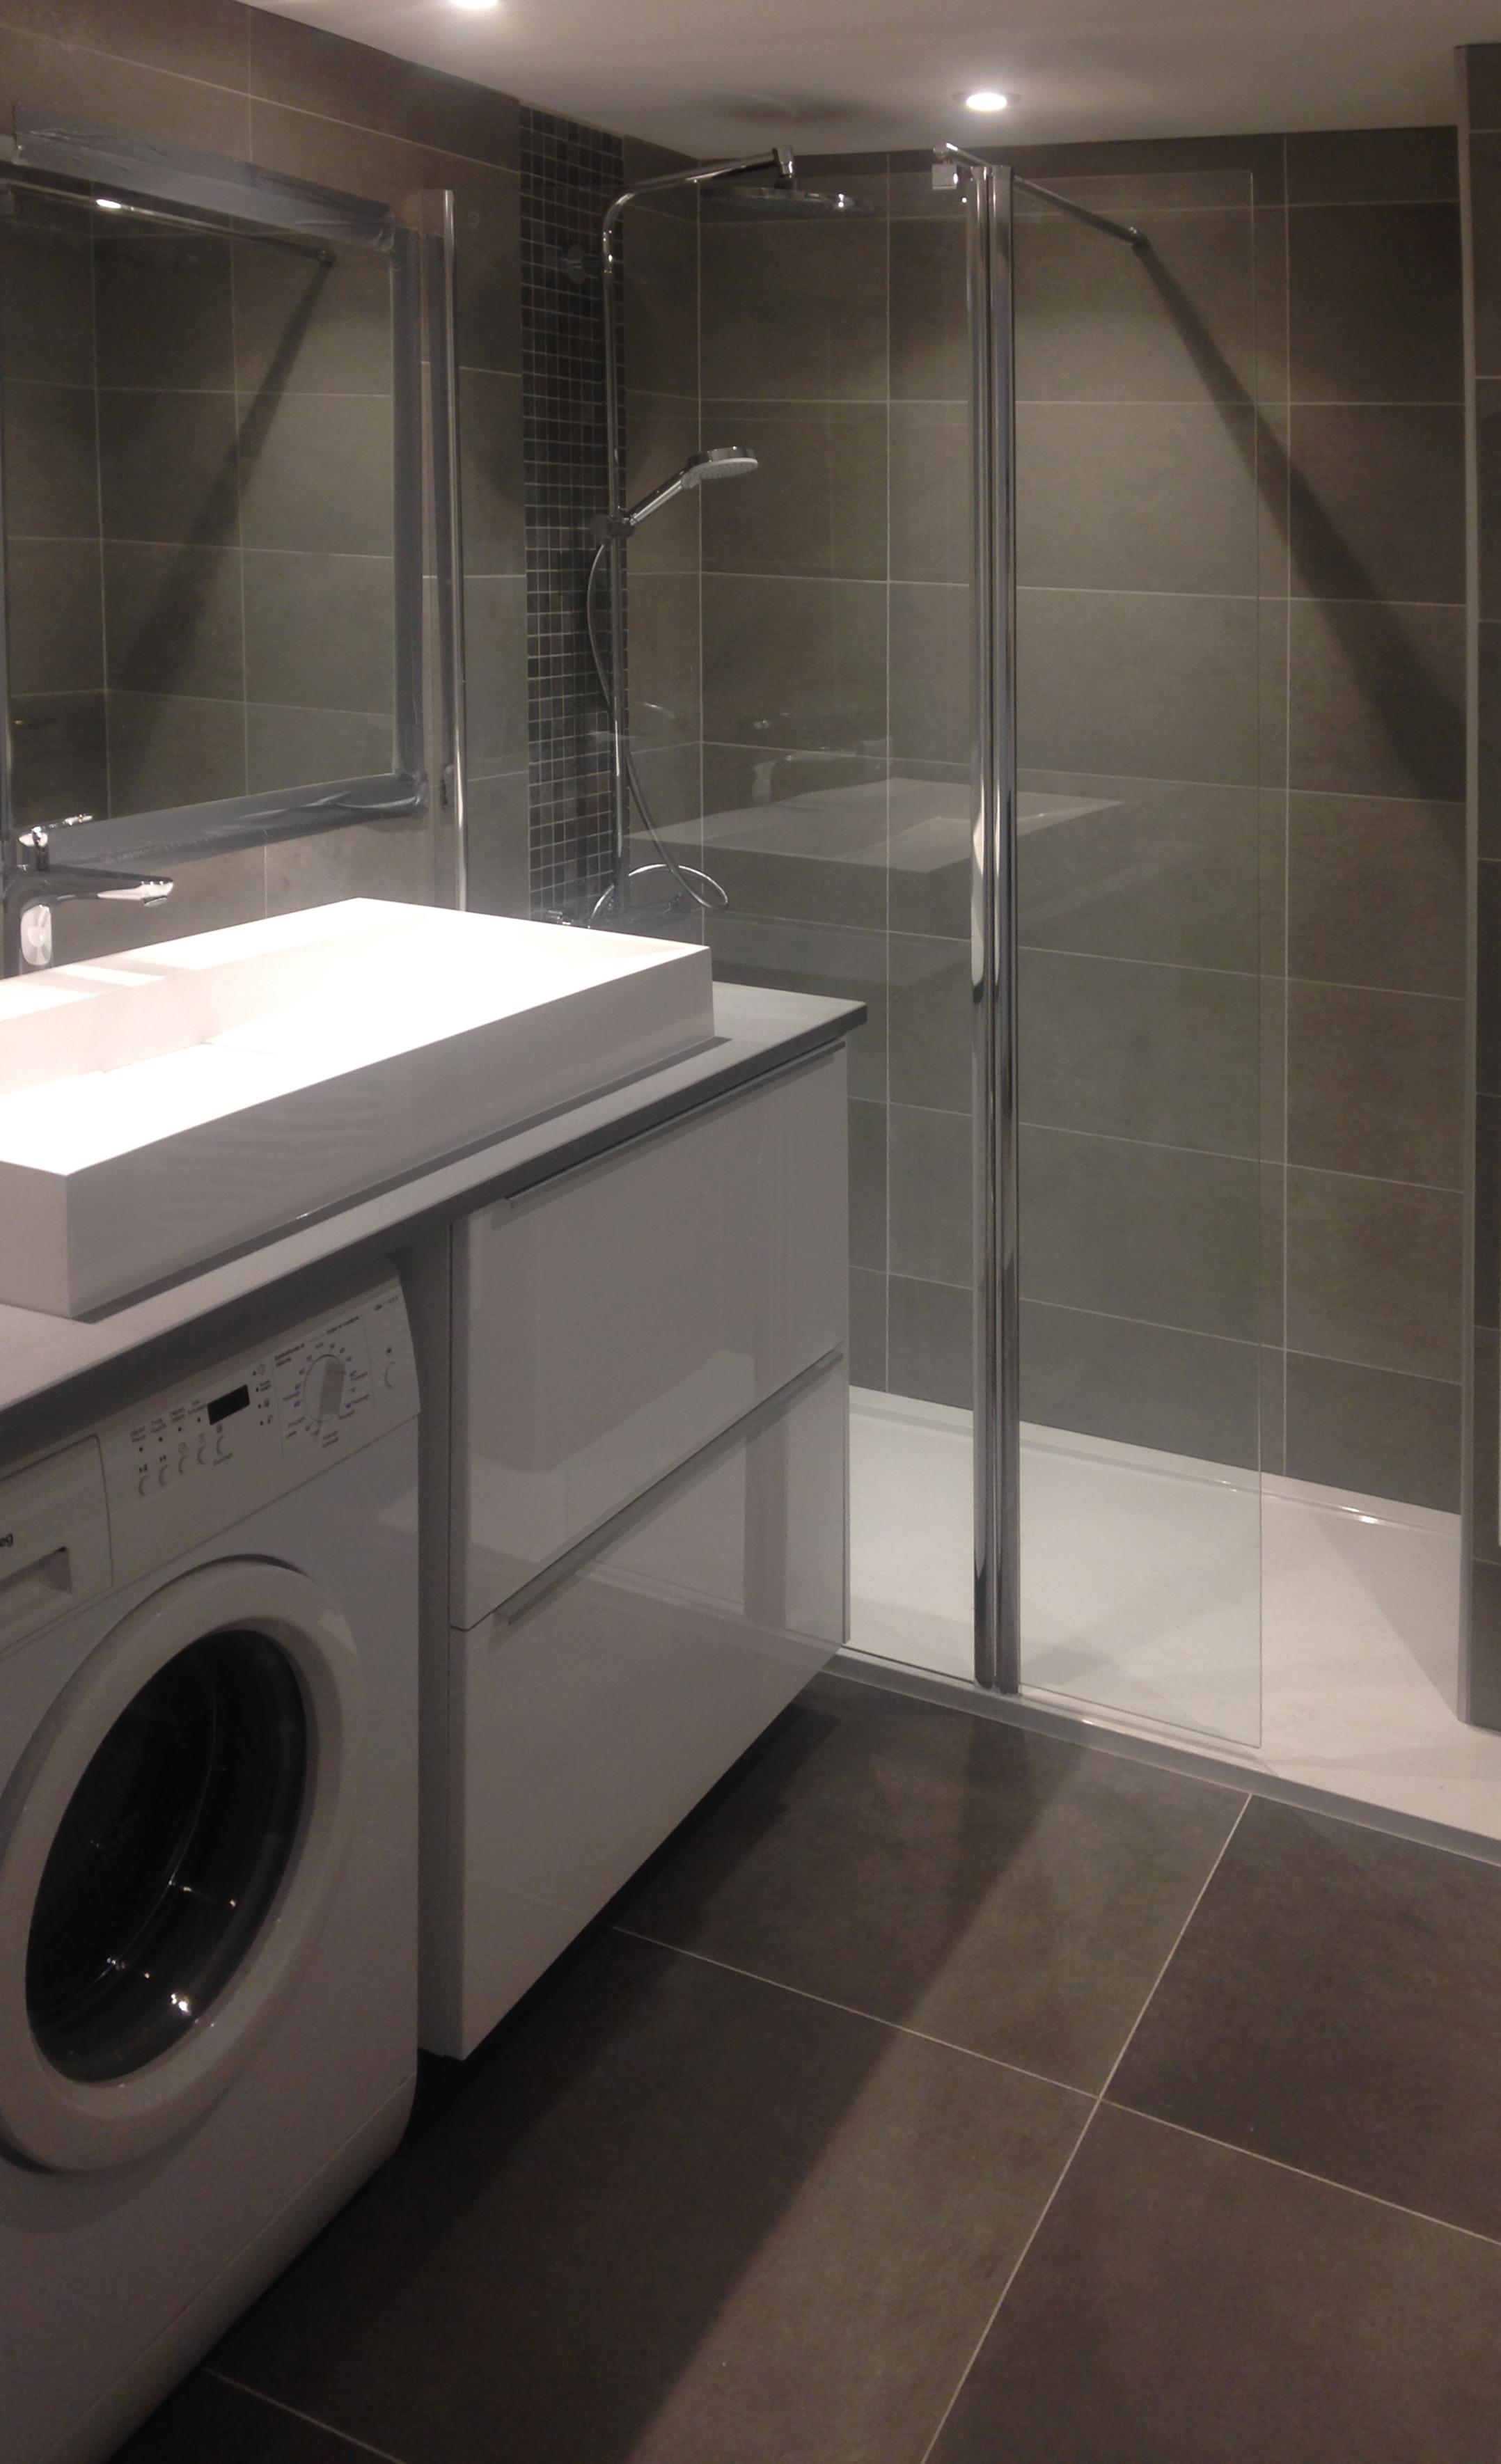 Salle de bain moderne grise - Atouts Rénovation